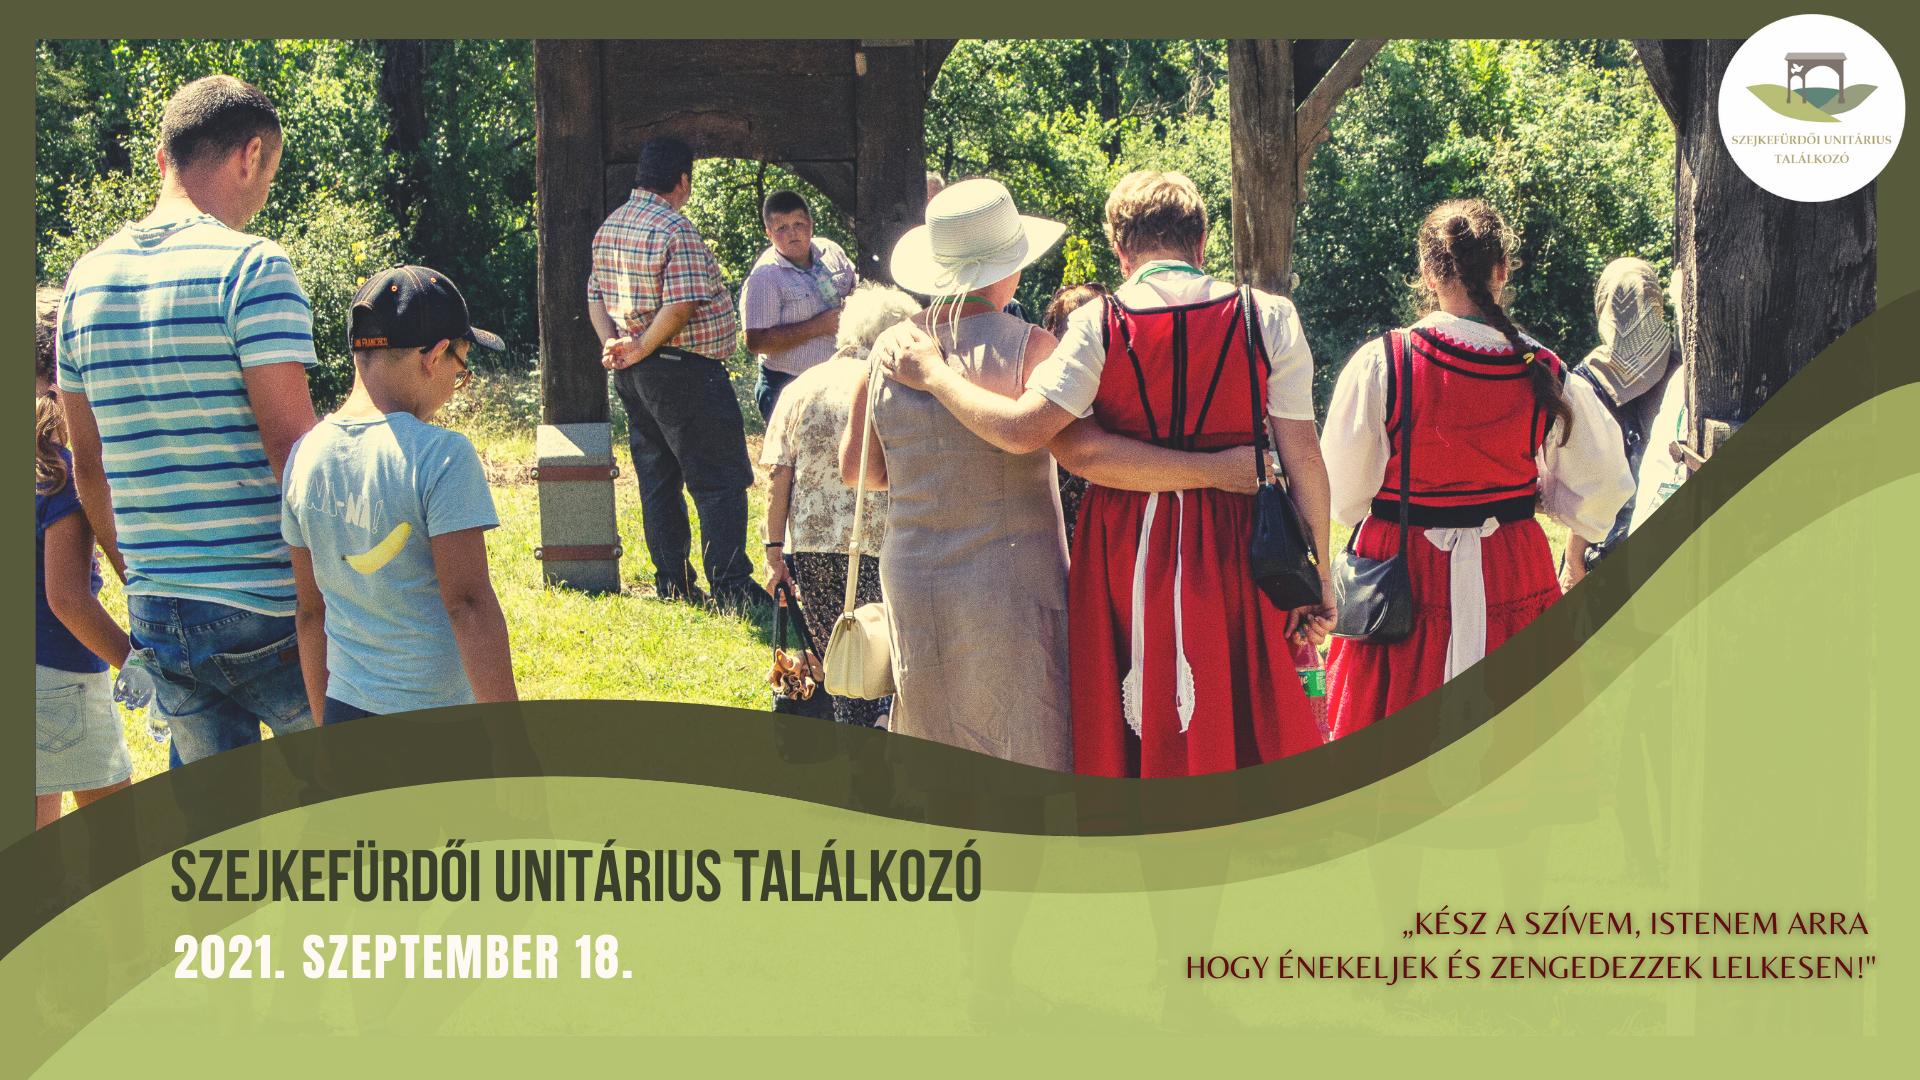 Szejkefürdői Unitárius Találkozó